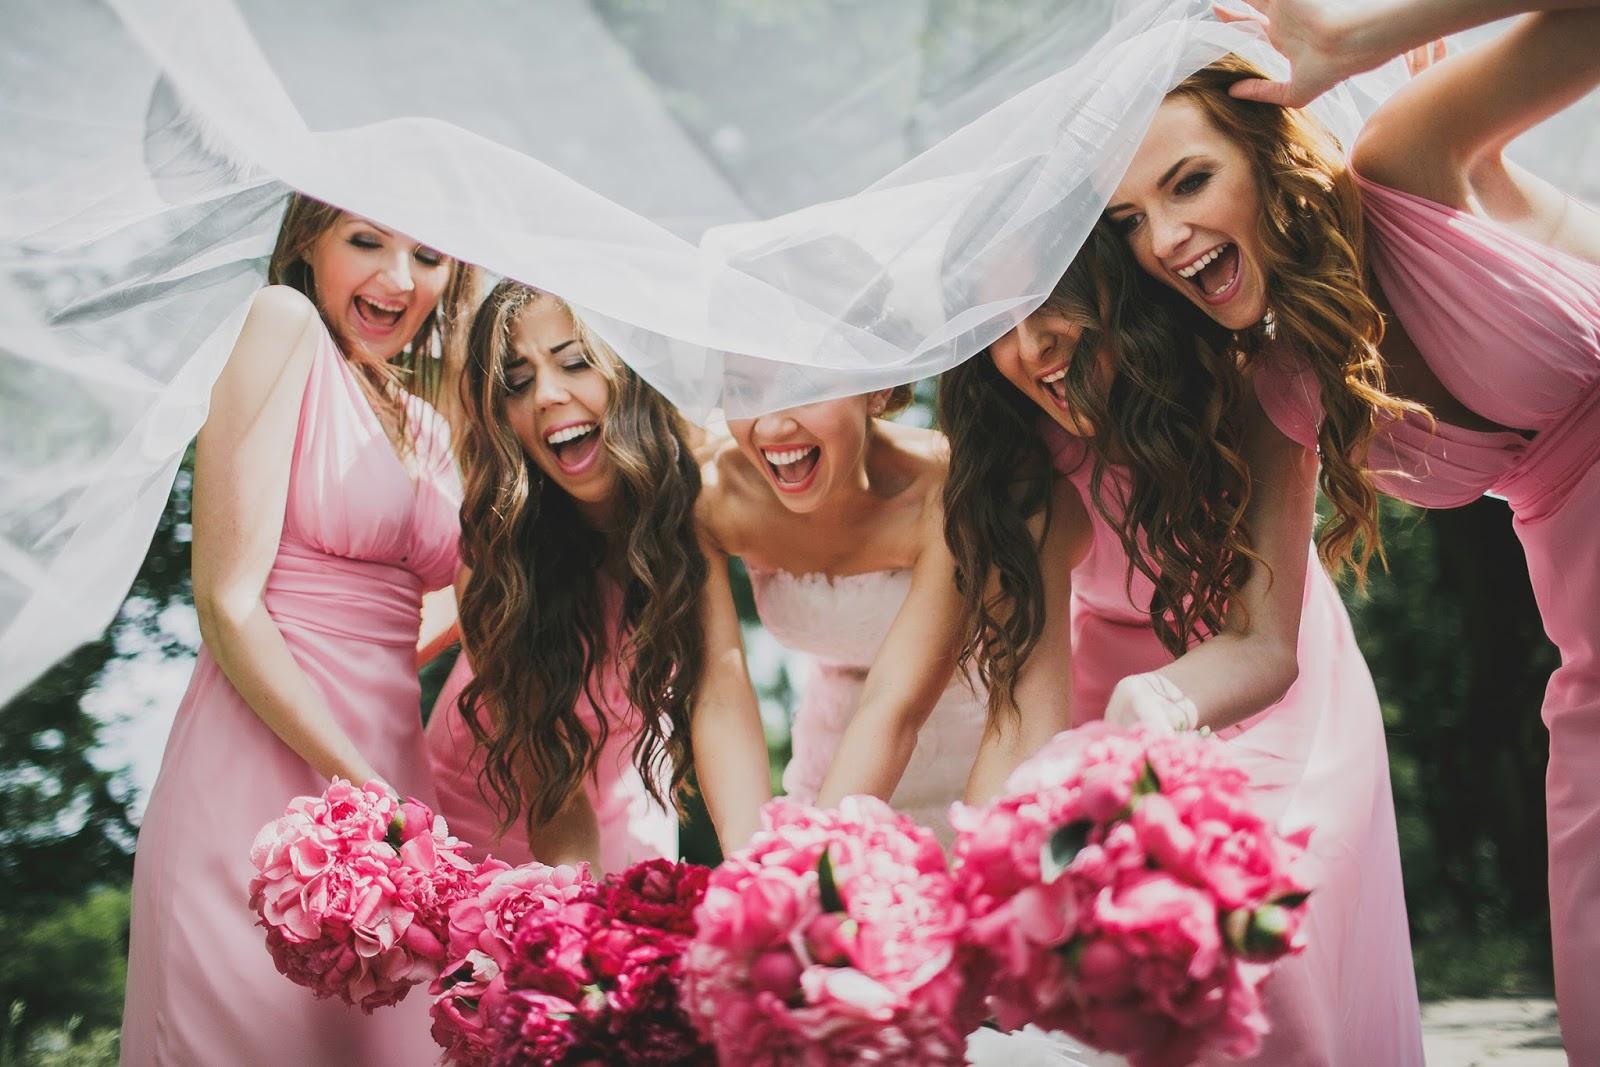 С невестой и ее подругой, привязали девушку реальное